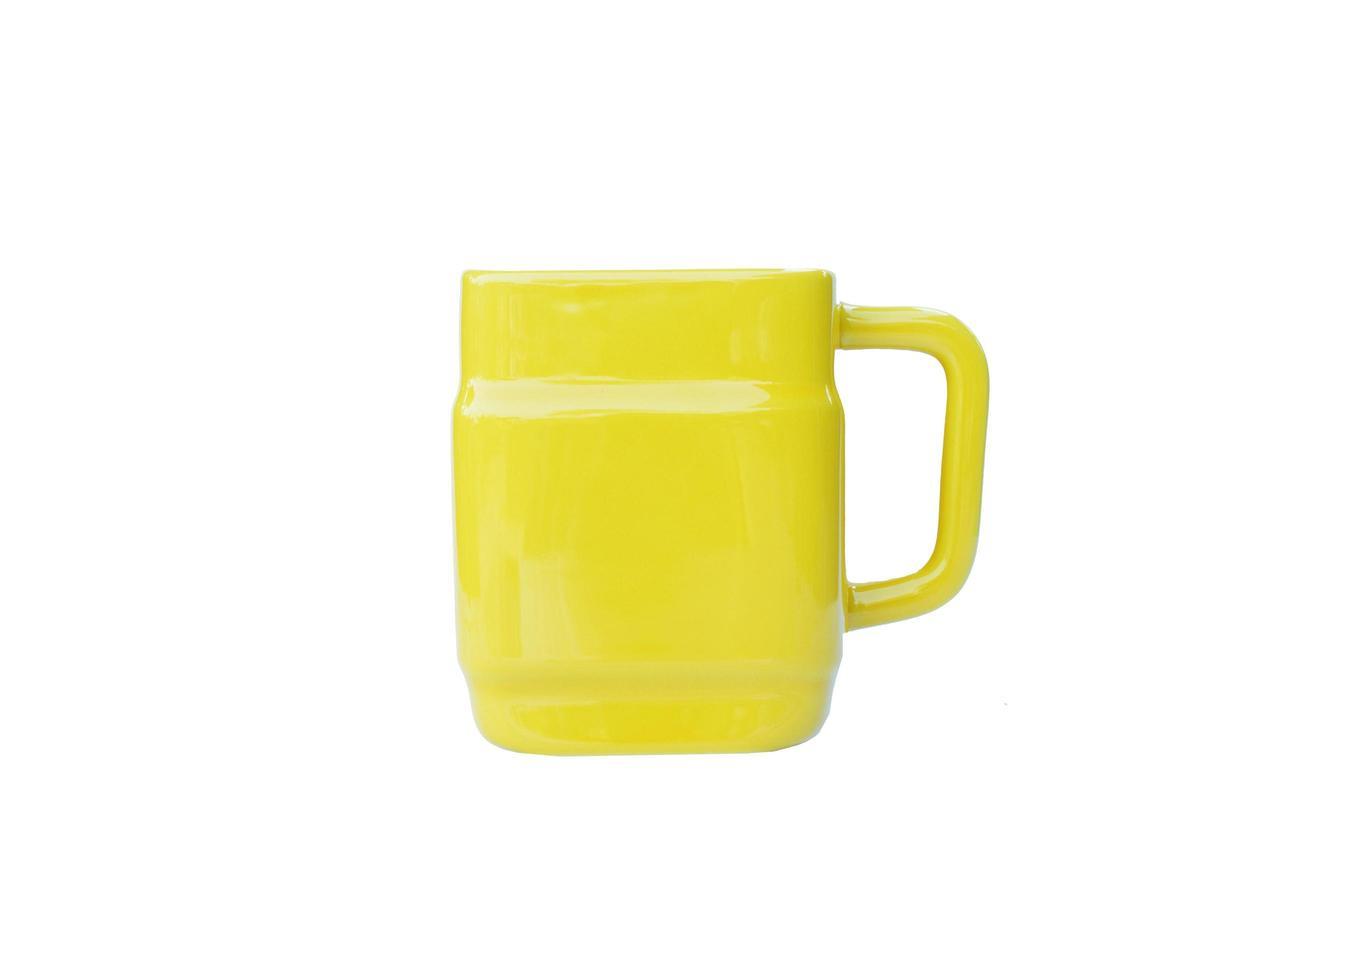 le tazze gialle isolate su sfondi bianchi includono il tracciato di ritaglio foto